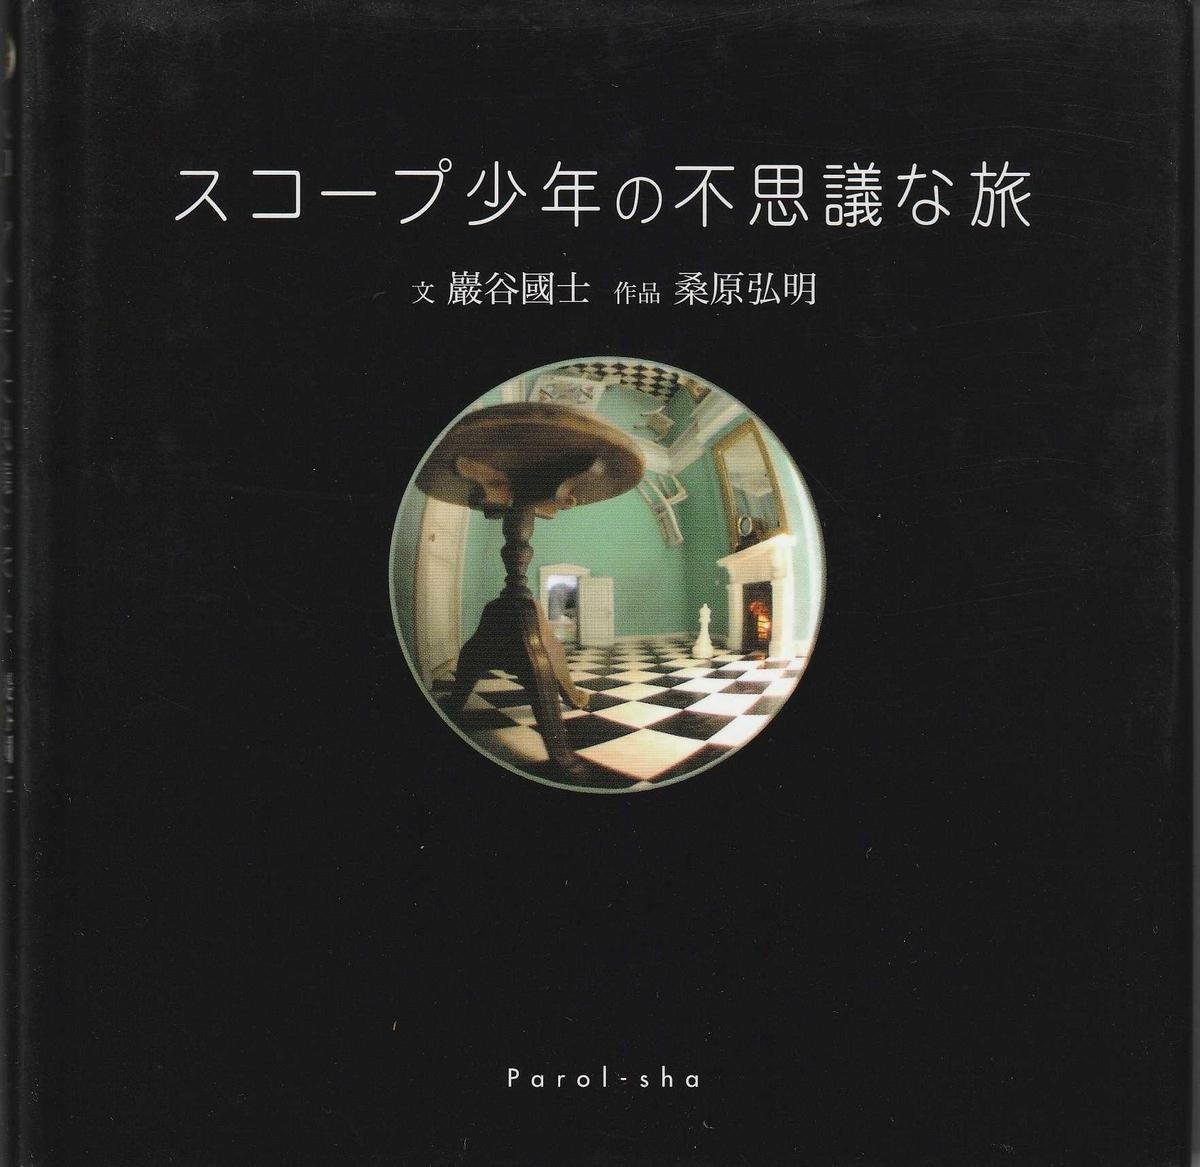 f:id:ikoma-san-jin:20200521102030j:plain:w170